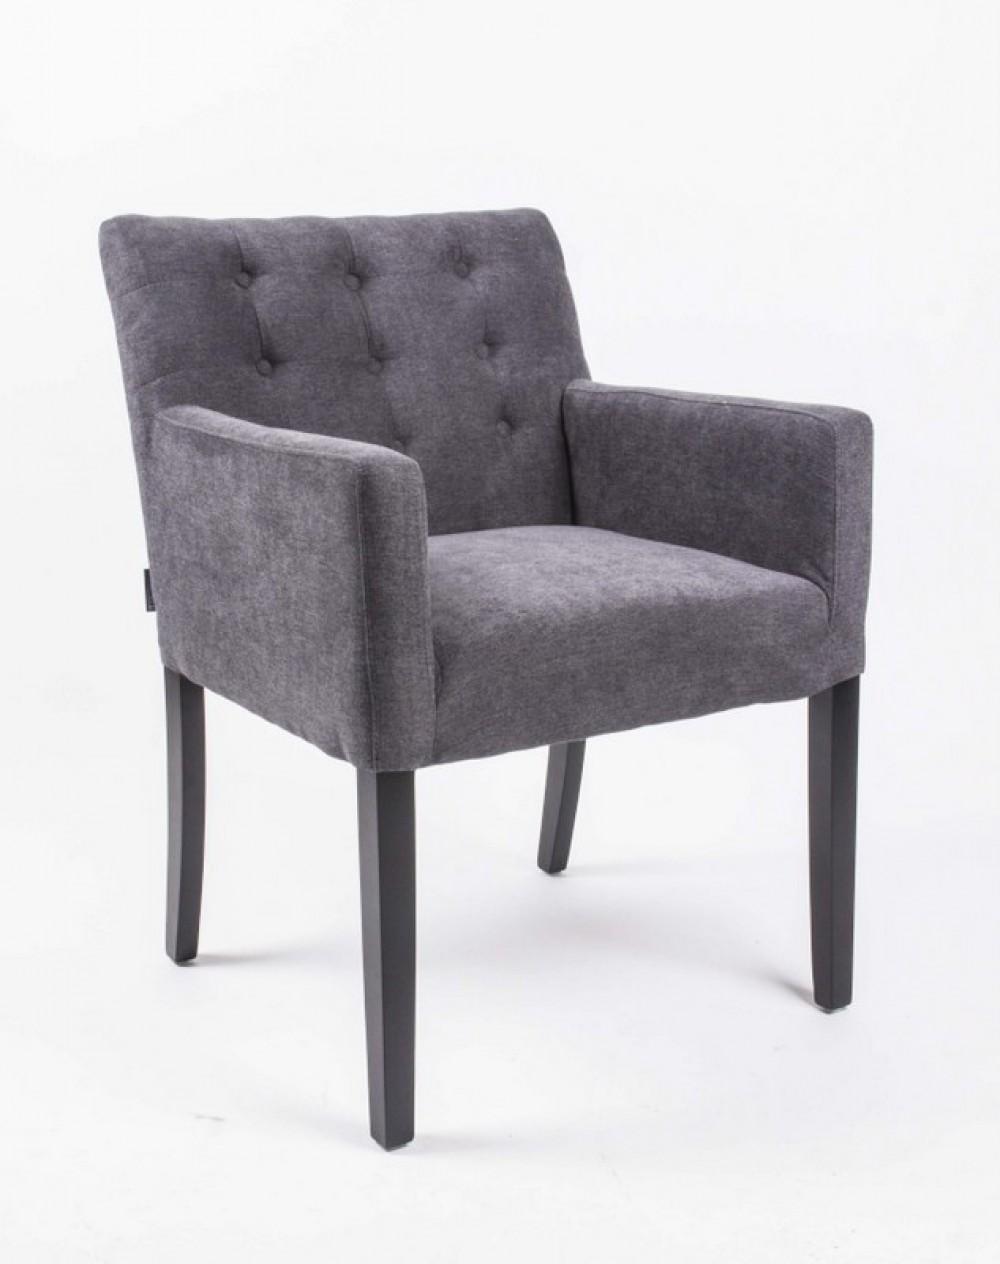 Esszimmerstühle modern mit armlehne  Stuhl Mit Armlehne Grau | Nabcd